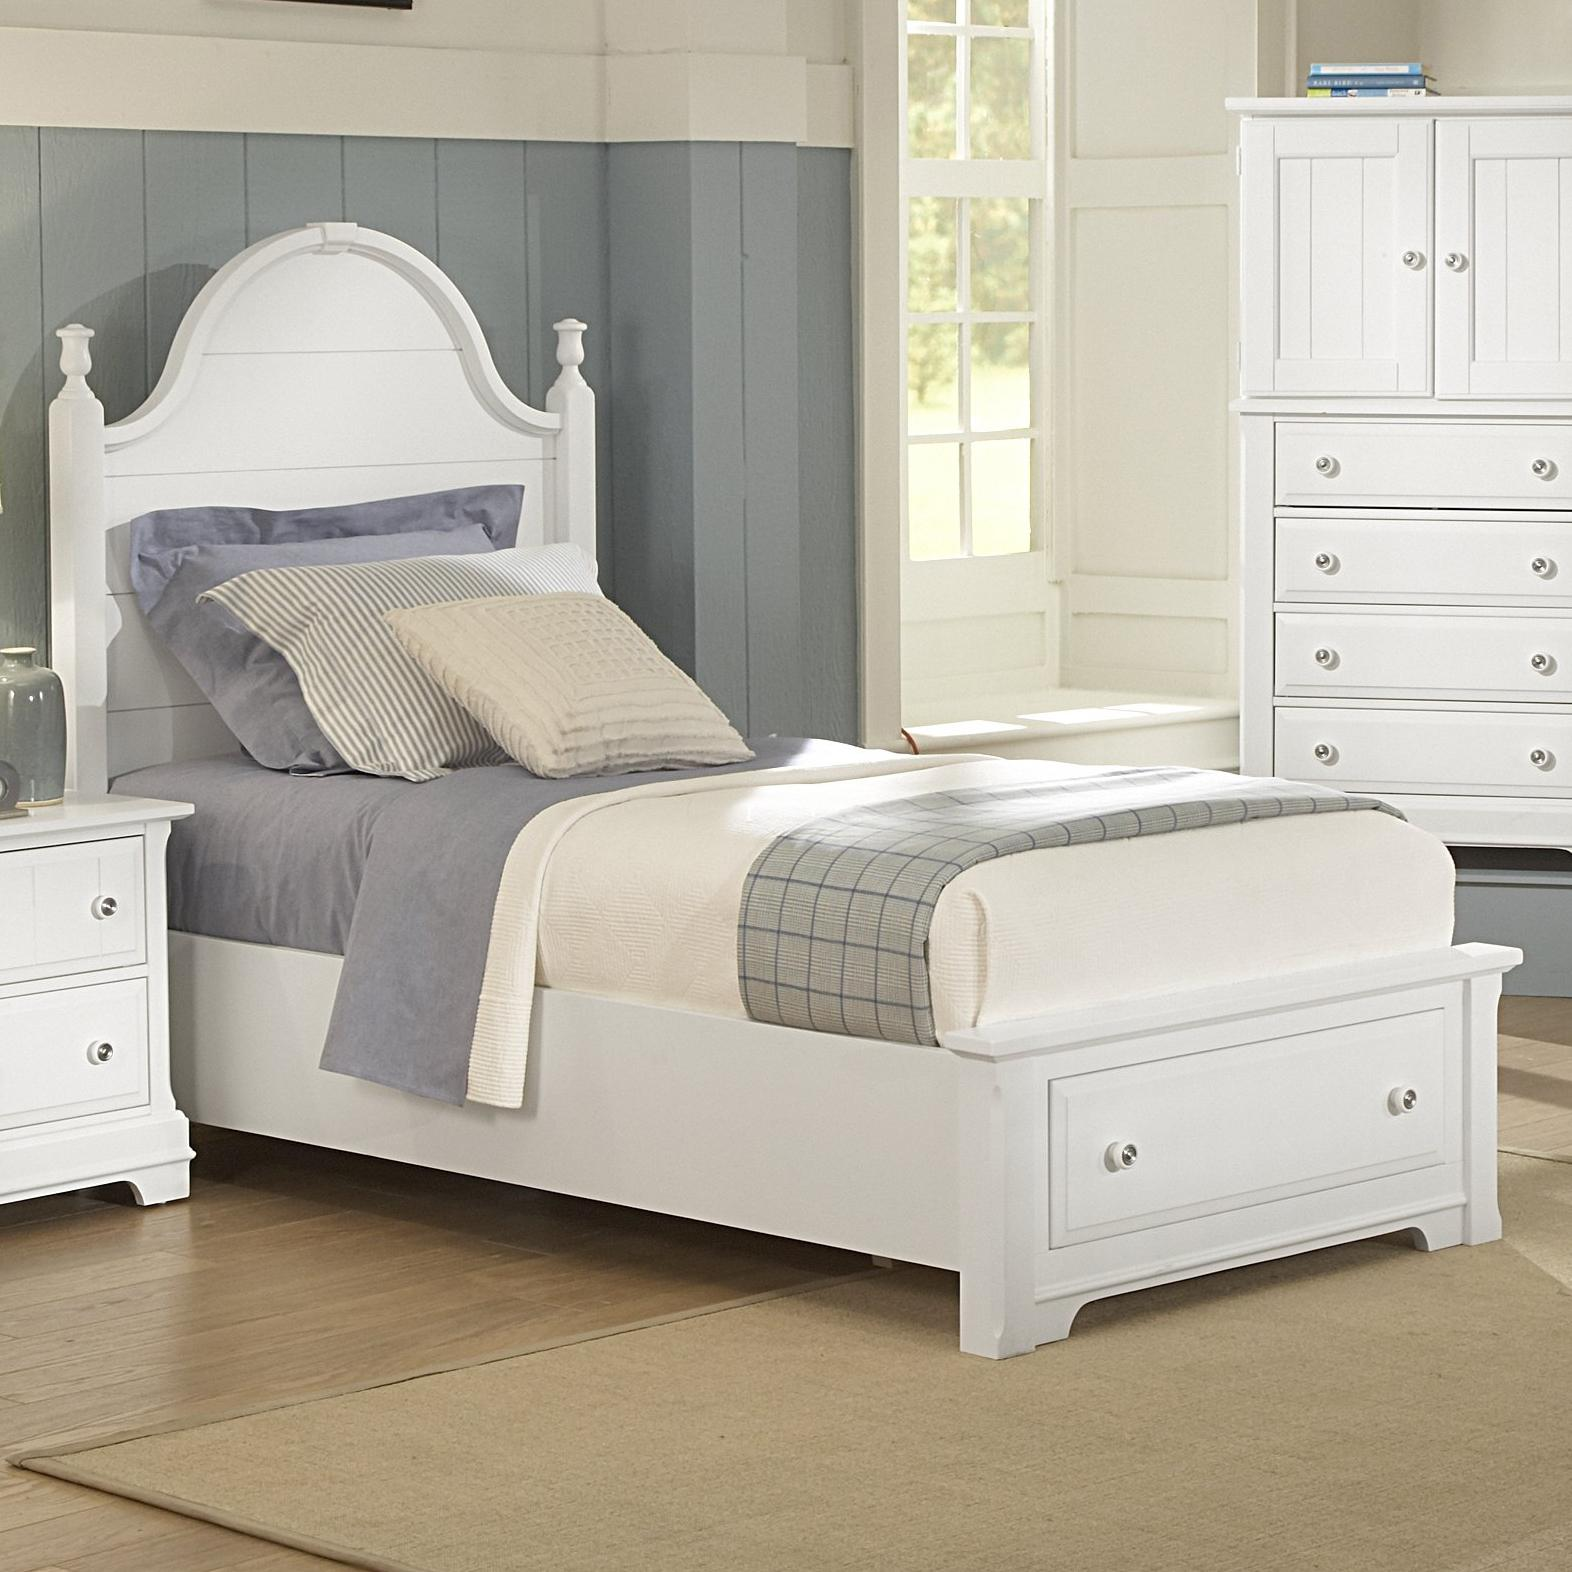 vaughan bassett cottage twin panel storage bed belfort. Black Bedroom Furniture Sets. Home Design Ideas